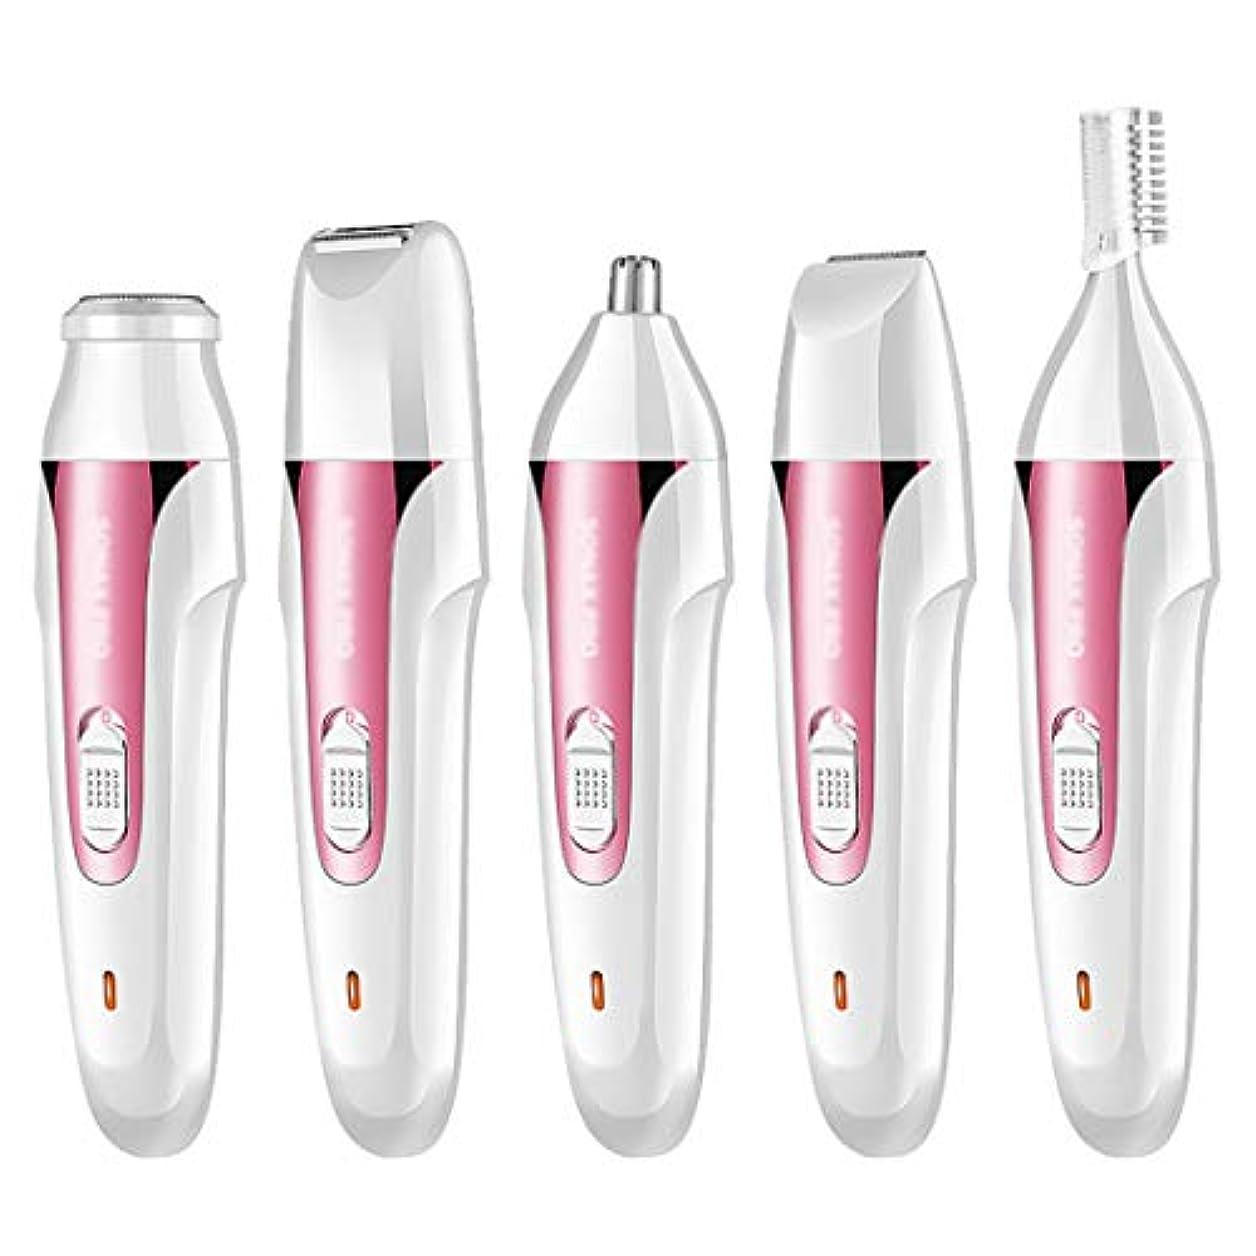 つぼみイチゴ形状多機能シェーバー充電式女性脱毛器具電気ヘアスクレーパー洗浄眉毛ナイフ,Pink